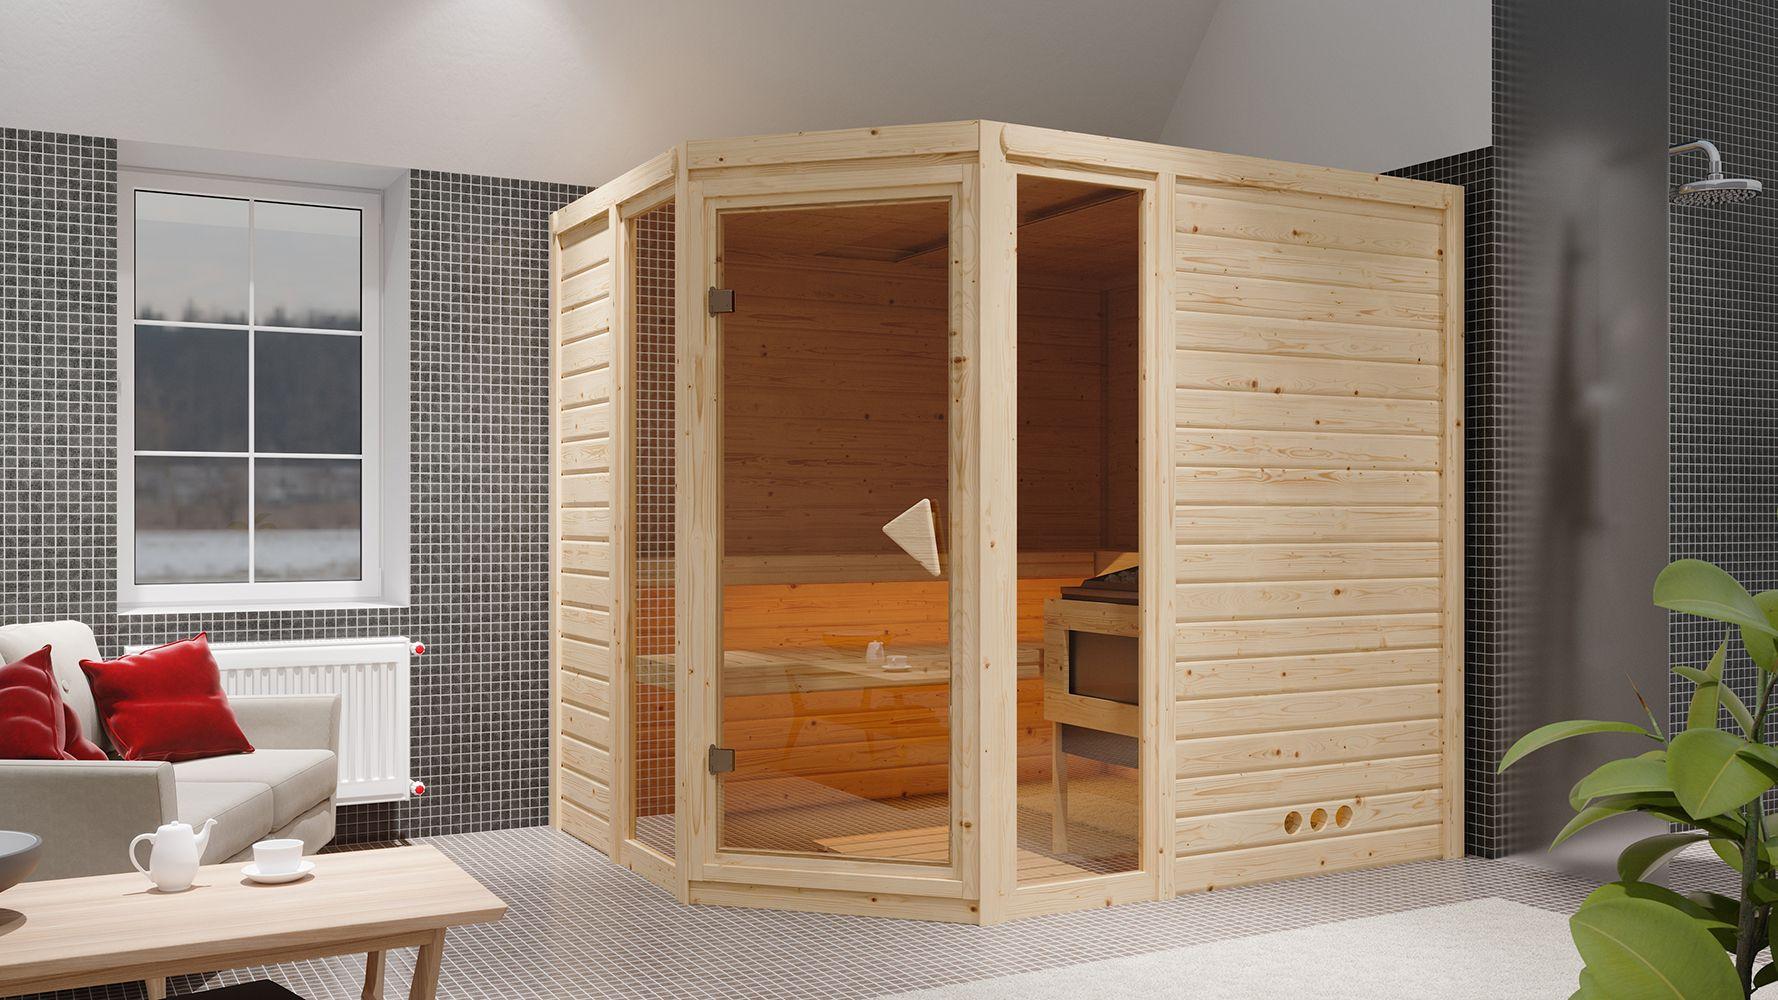 Massivholzsauna Nicole 01, 40 mm Wandstärke - 236 x 184 x 209 cm (B x T x H) - Ausführung:inkl. Ofen mit integrierter Steuerung